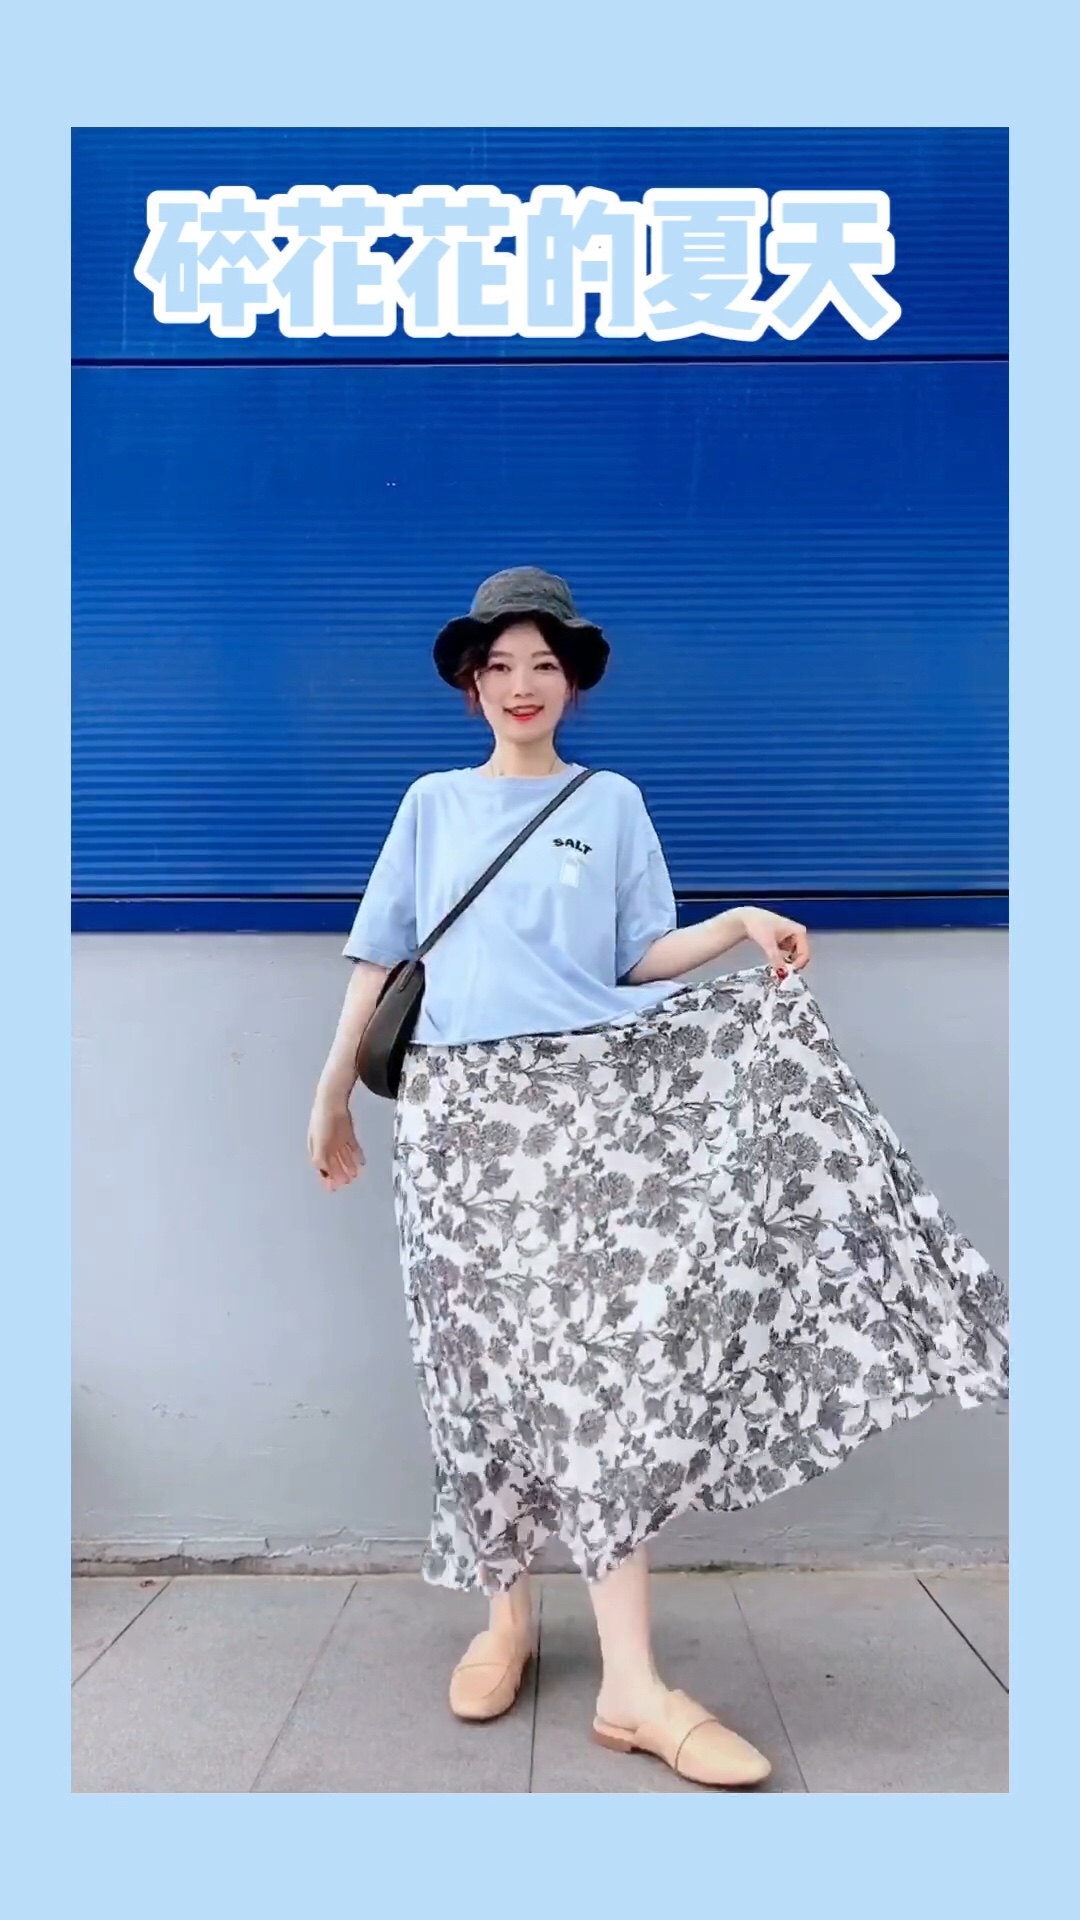 #这剂清凉配色,请放心服用~#  浅蓝色小清新tee很适合夏天哦 搭配雪纺花花裙 飘逸感满满走路带风 很适合夏天的清新系LOOK